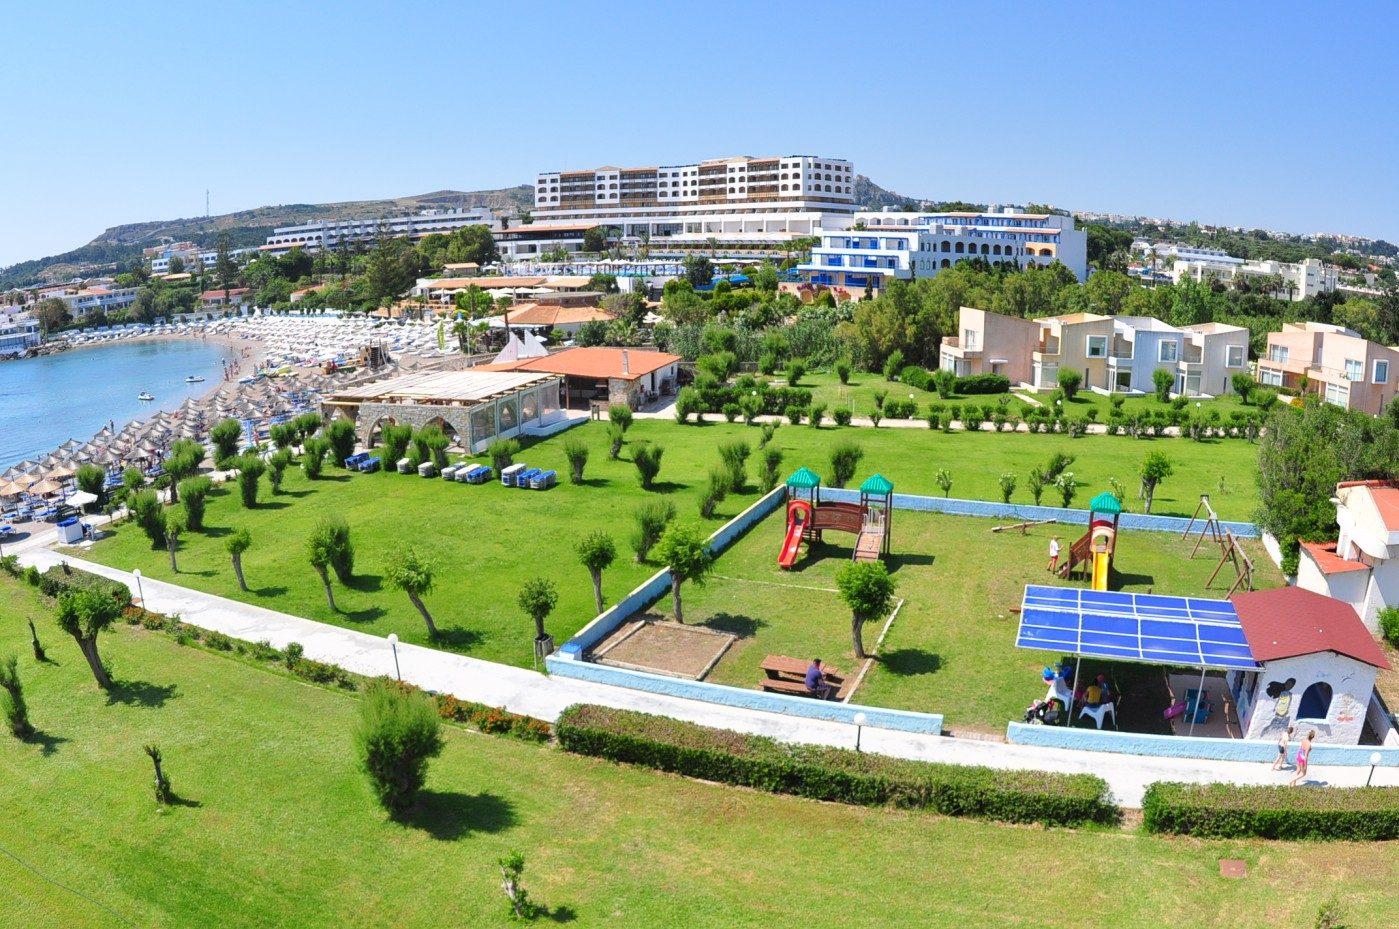 территория отеля Eden Roc